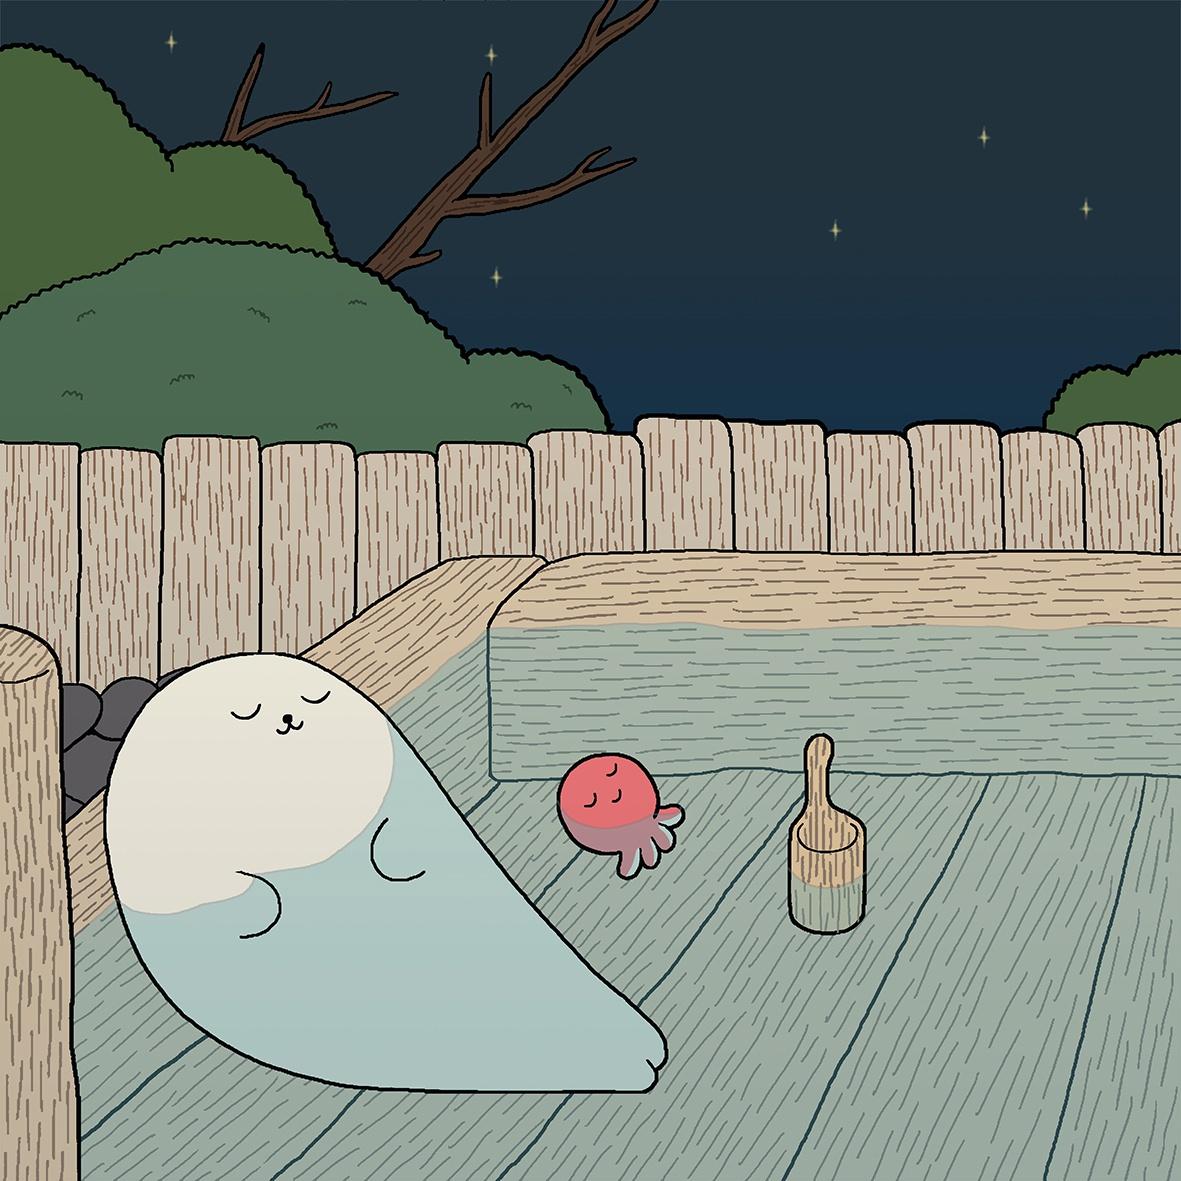 】小海豹系列|夏日温泉官方限量版画XX【王